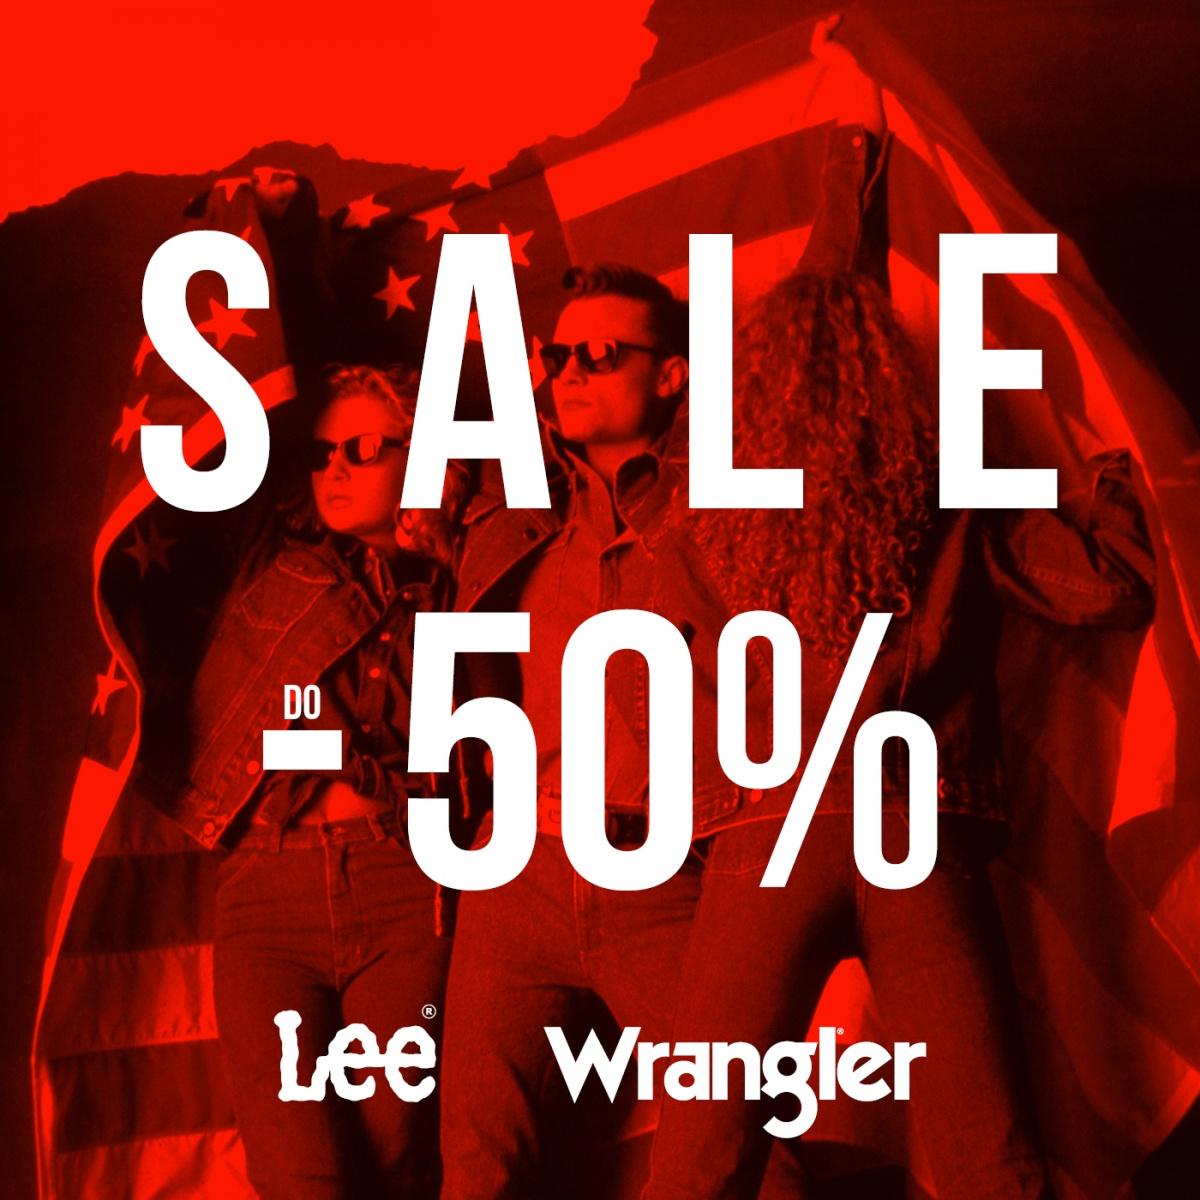 do -50 % w Wrangler Lee!